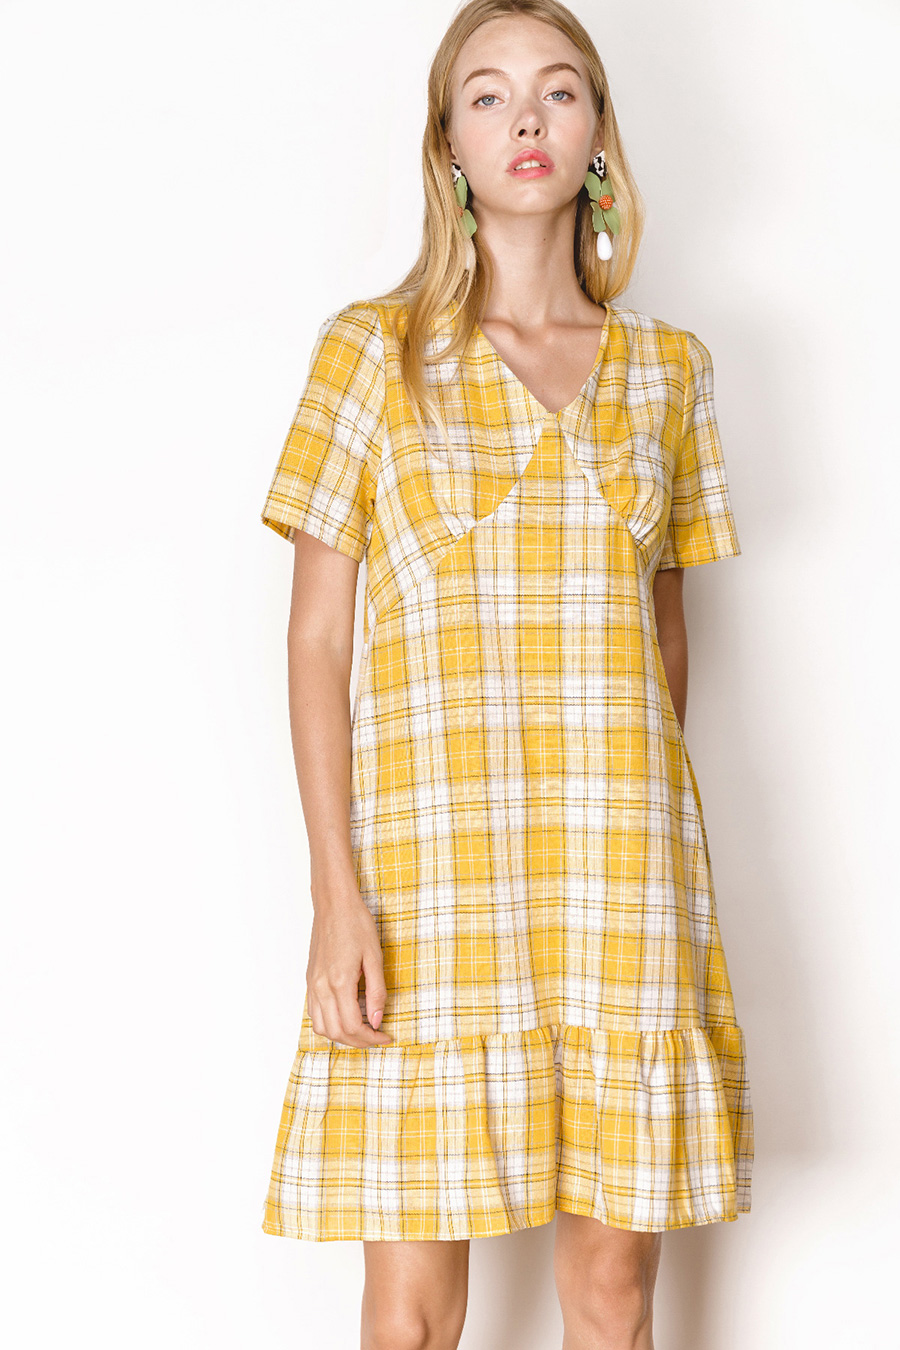 PIPPY DRESS - MELLOW CHECKS